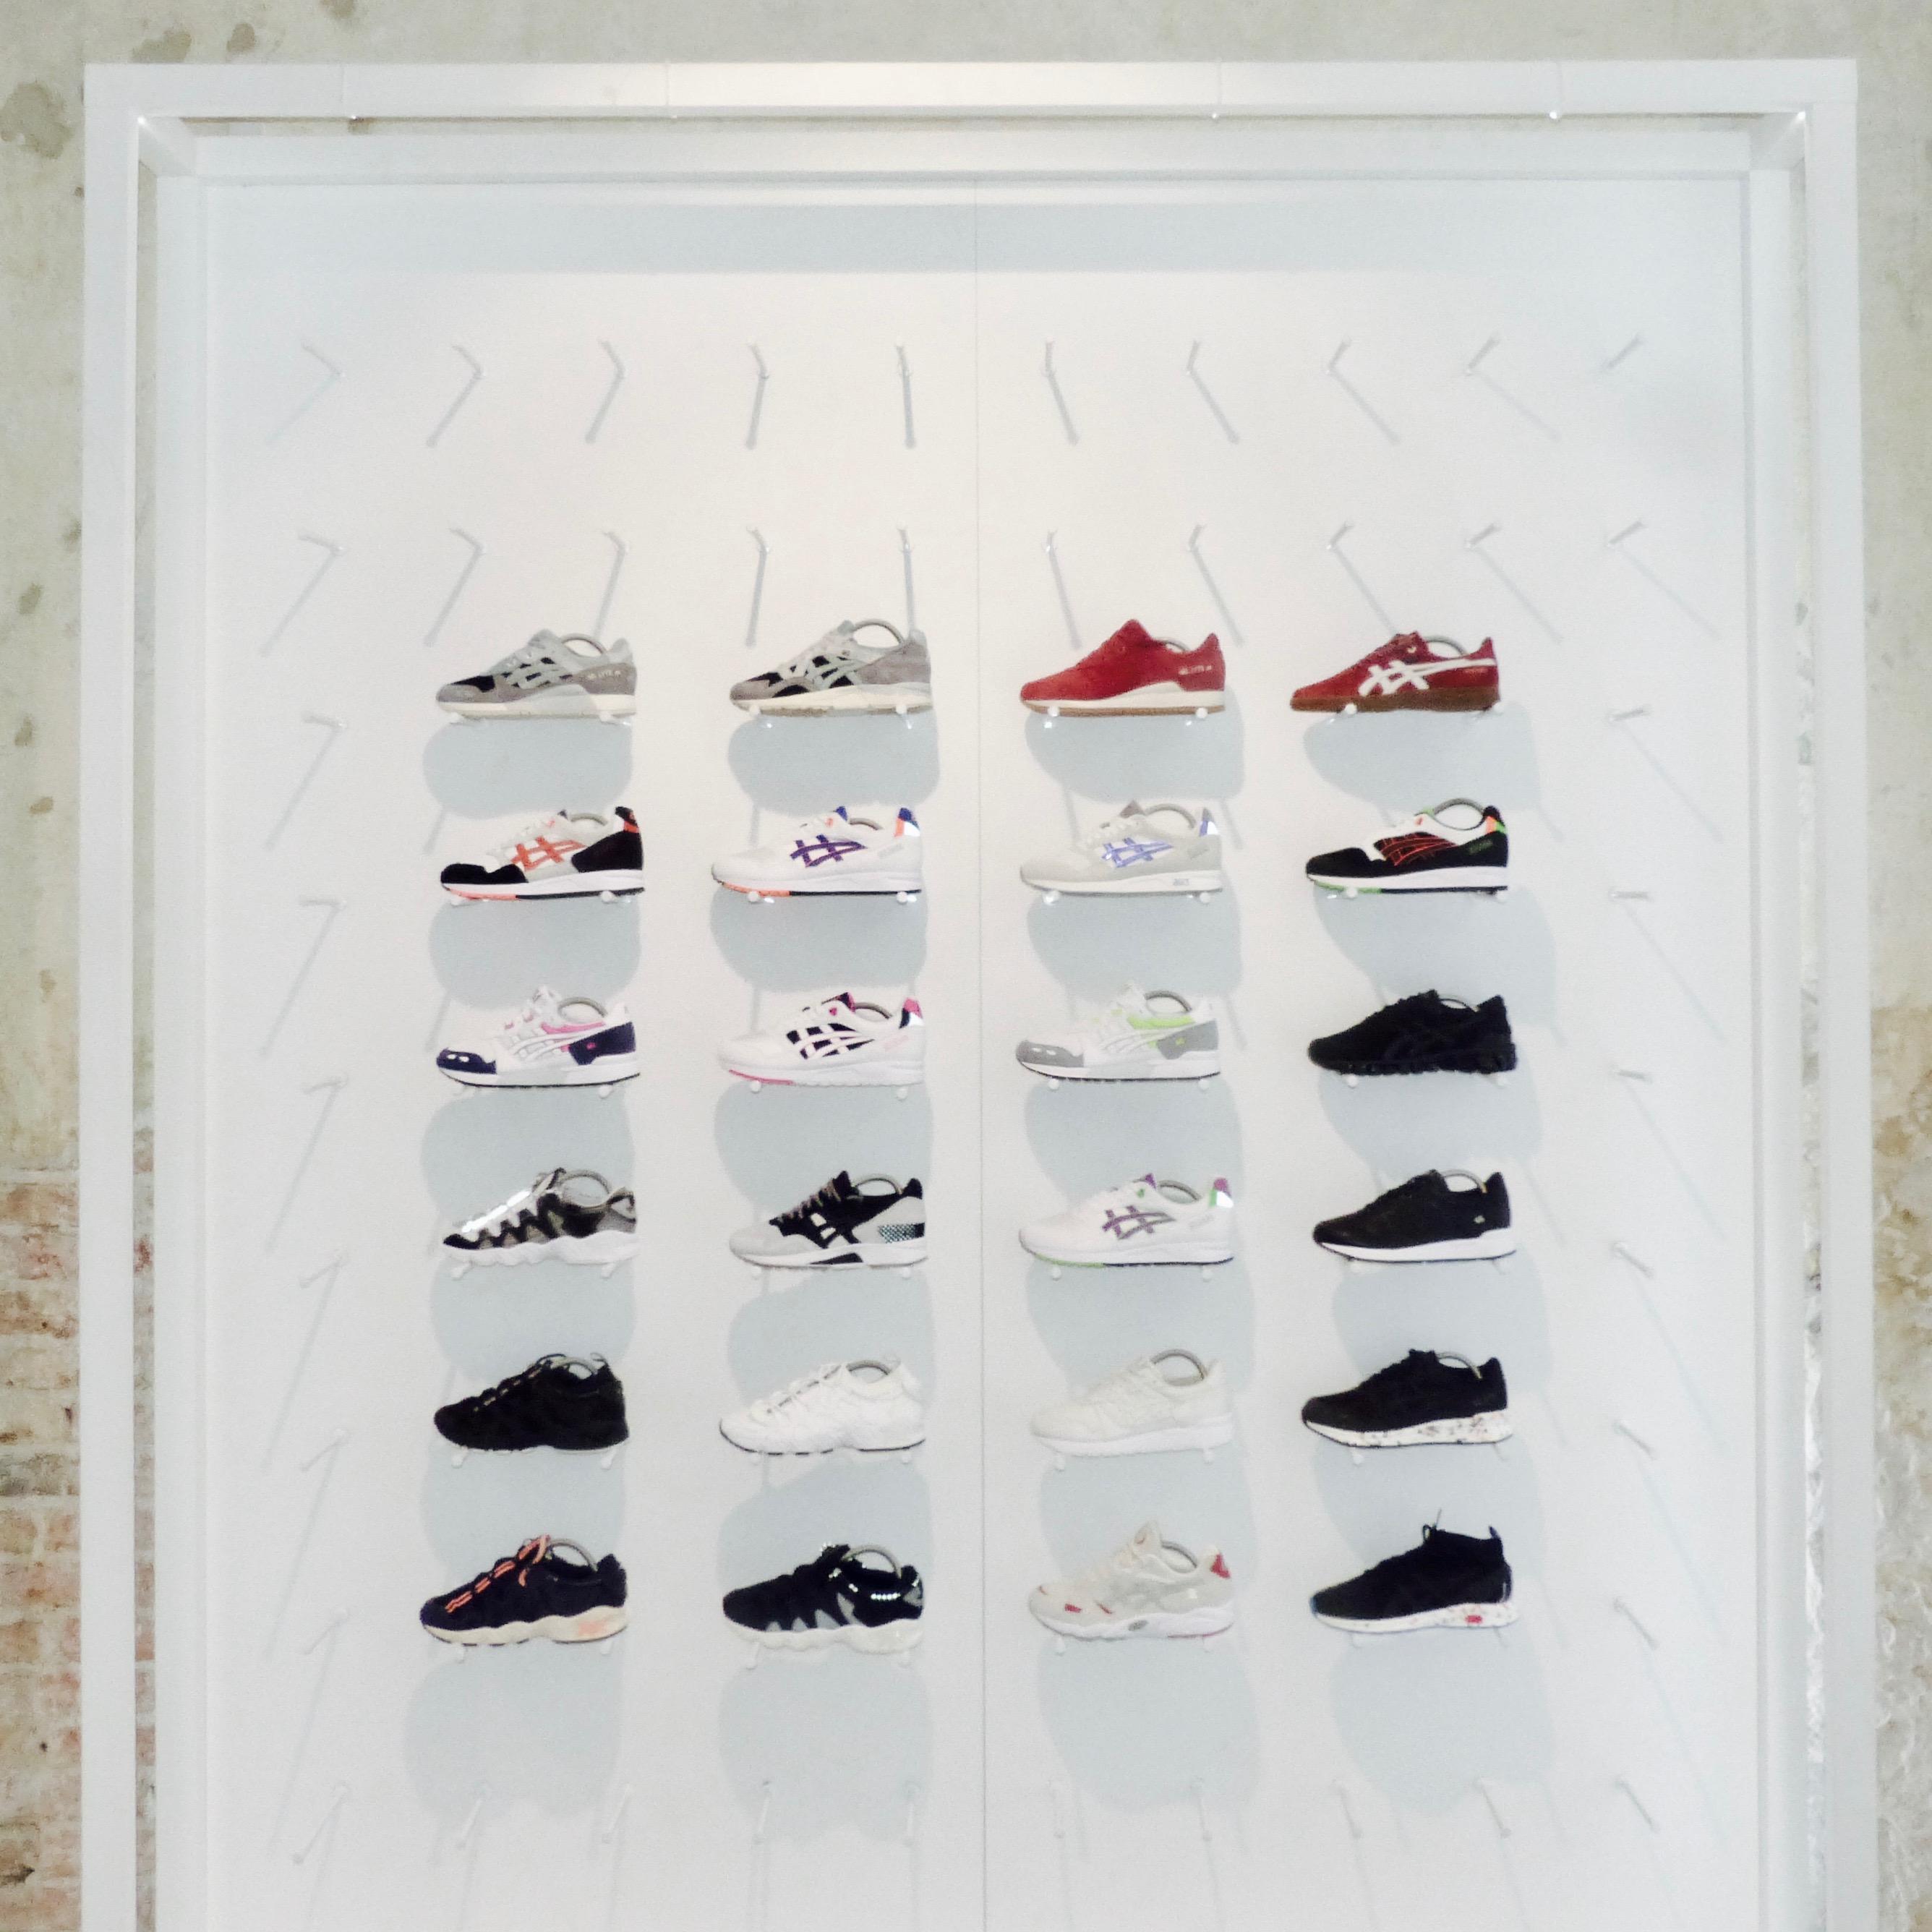 47fbe4b74ade9 Ja nie mam ich dużo. Z racji tego, gdzie pracuję i jak często widzę buty,  kiedy nowe i stare modele wciąż przewijają mi się przed oczami, szukam  czegoś ...